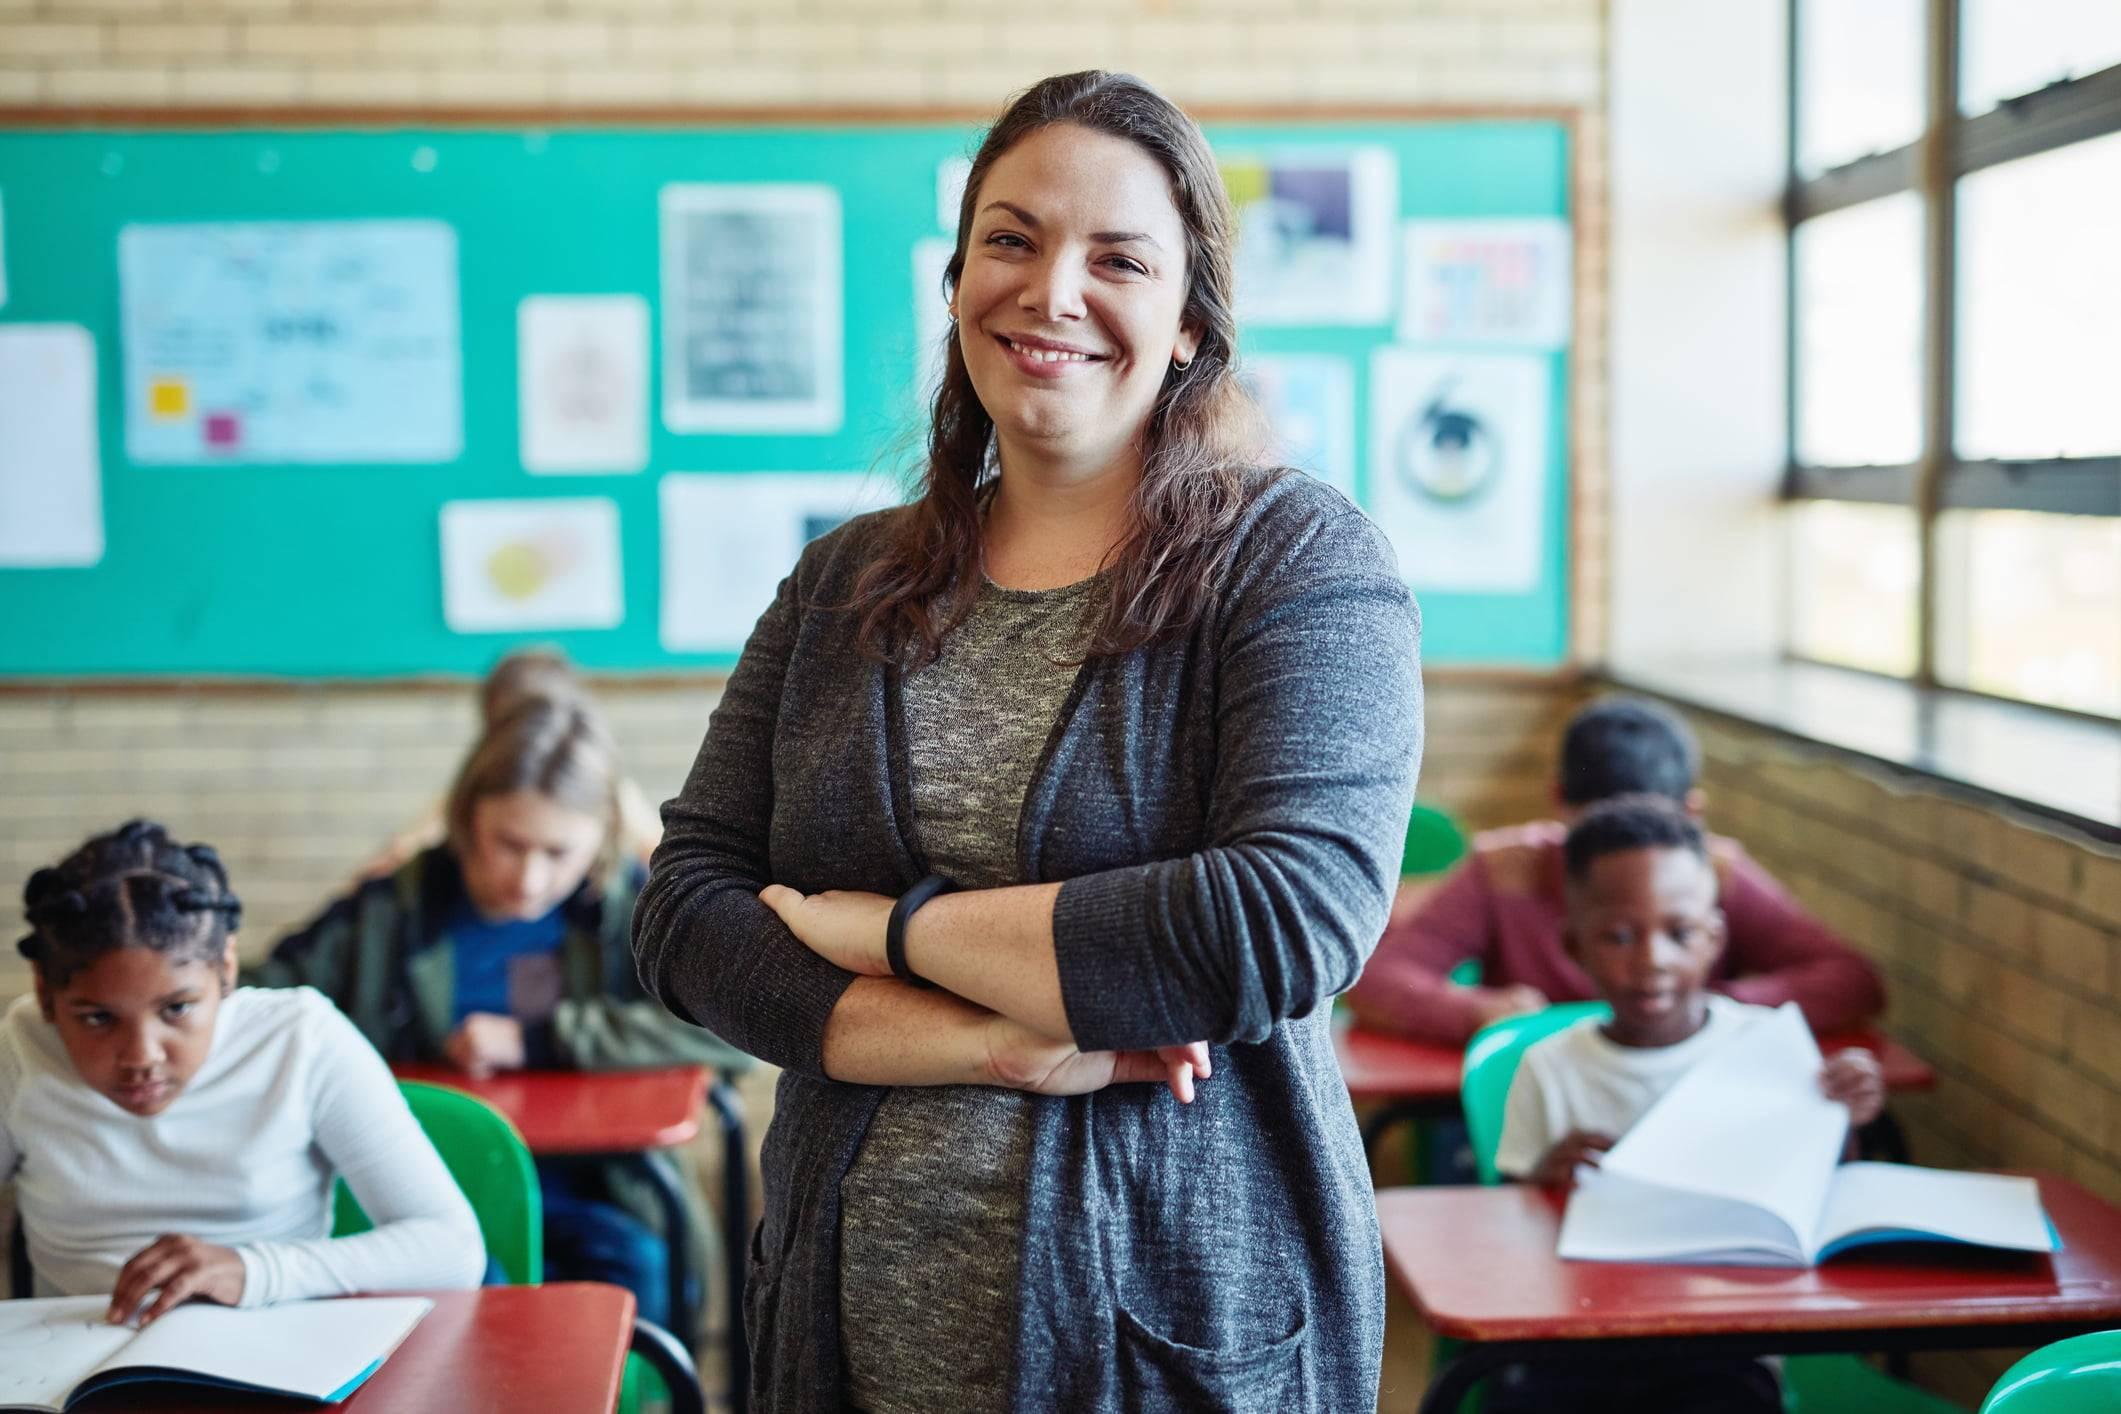 Teacher and Classroom of Kids using TeacherMade